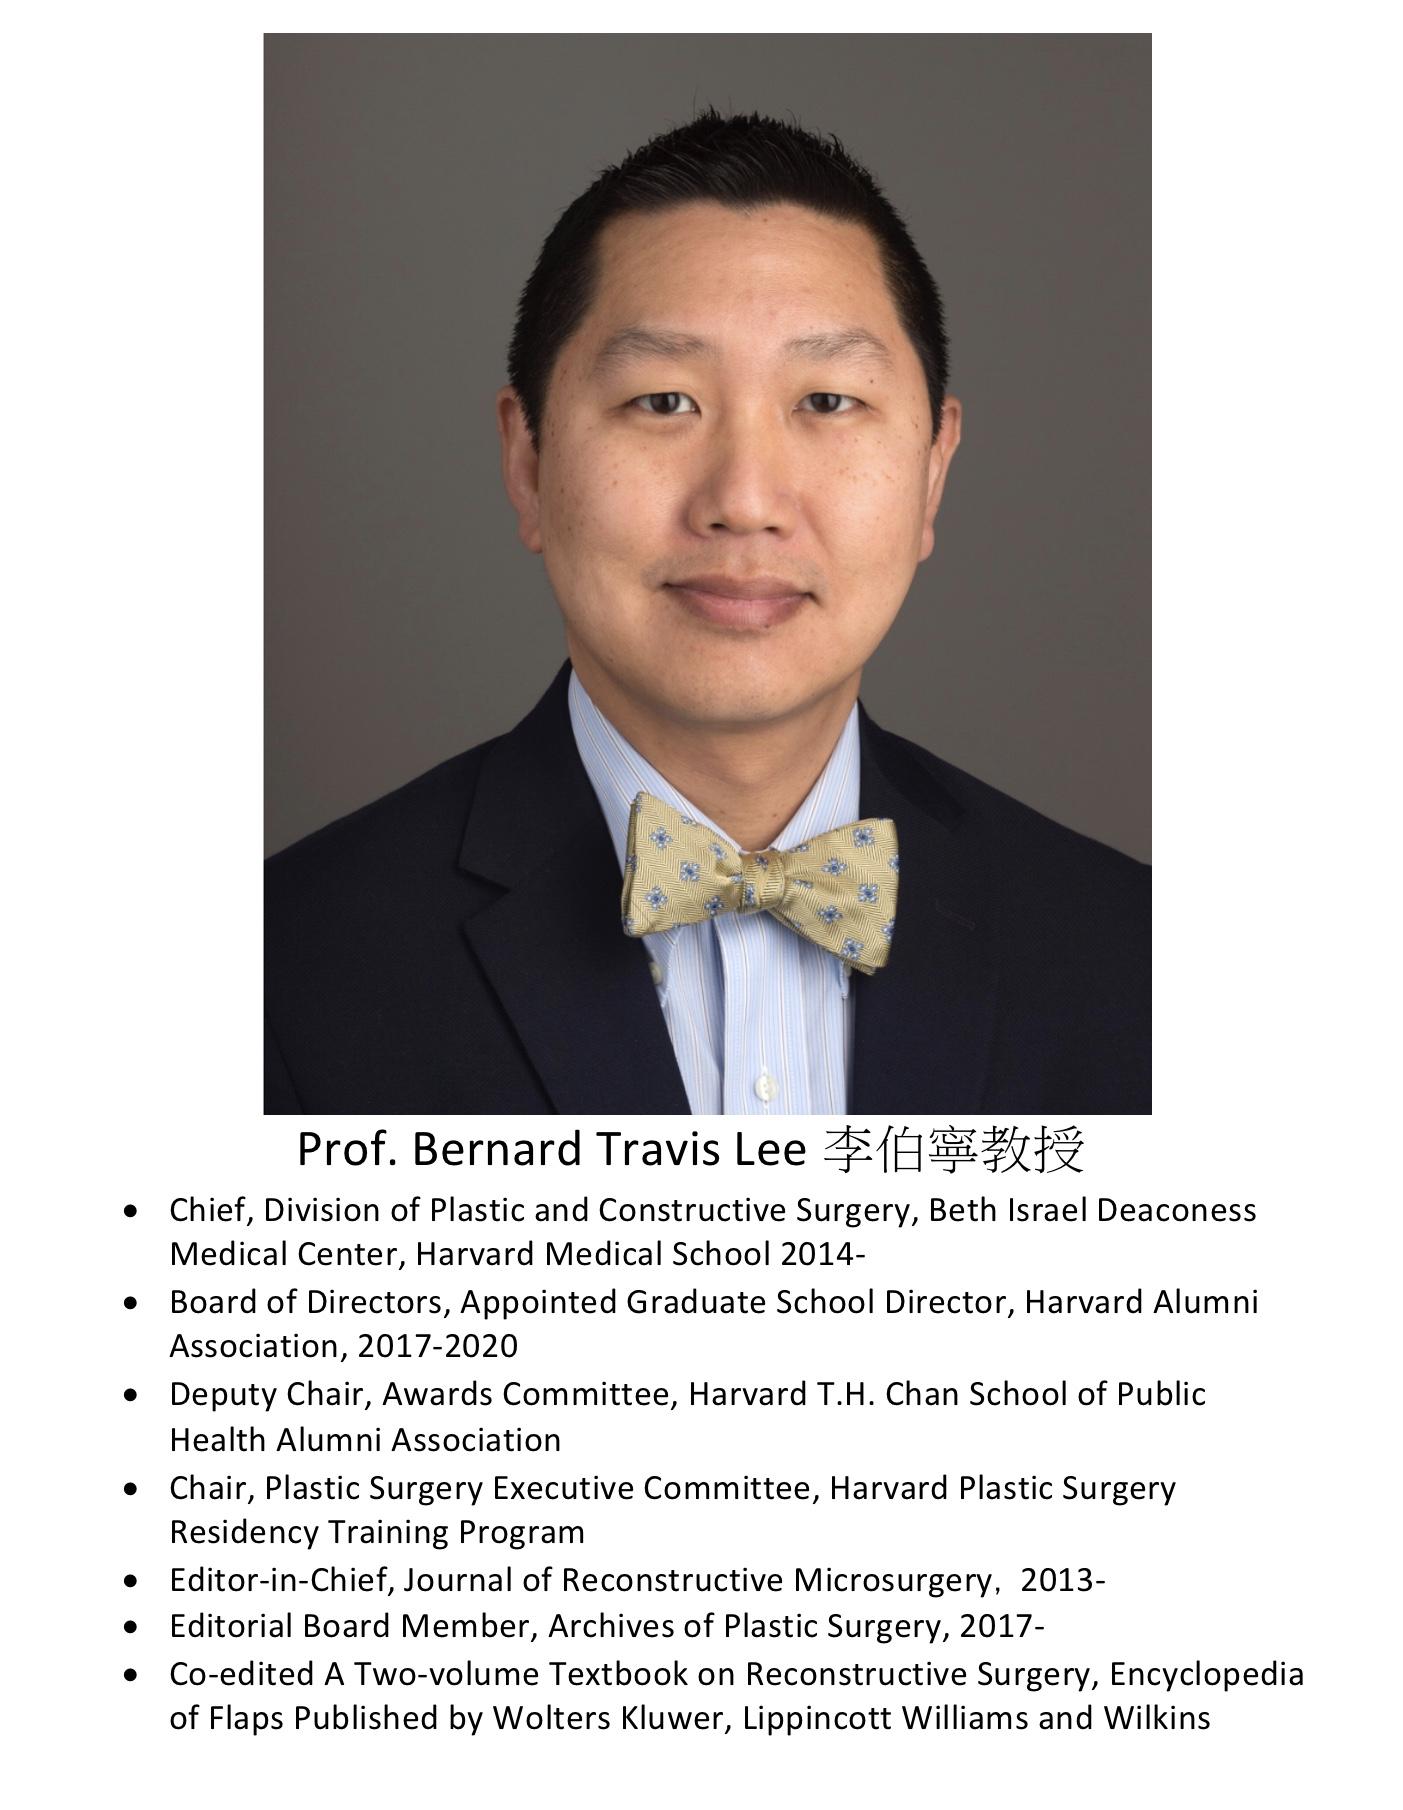 285. Prof. Bernard Travis Lee 李伯寧教授